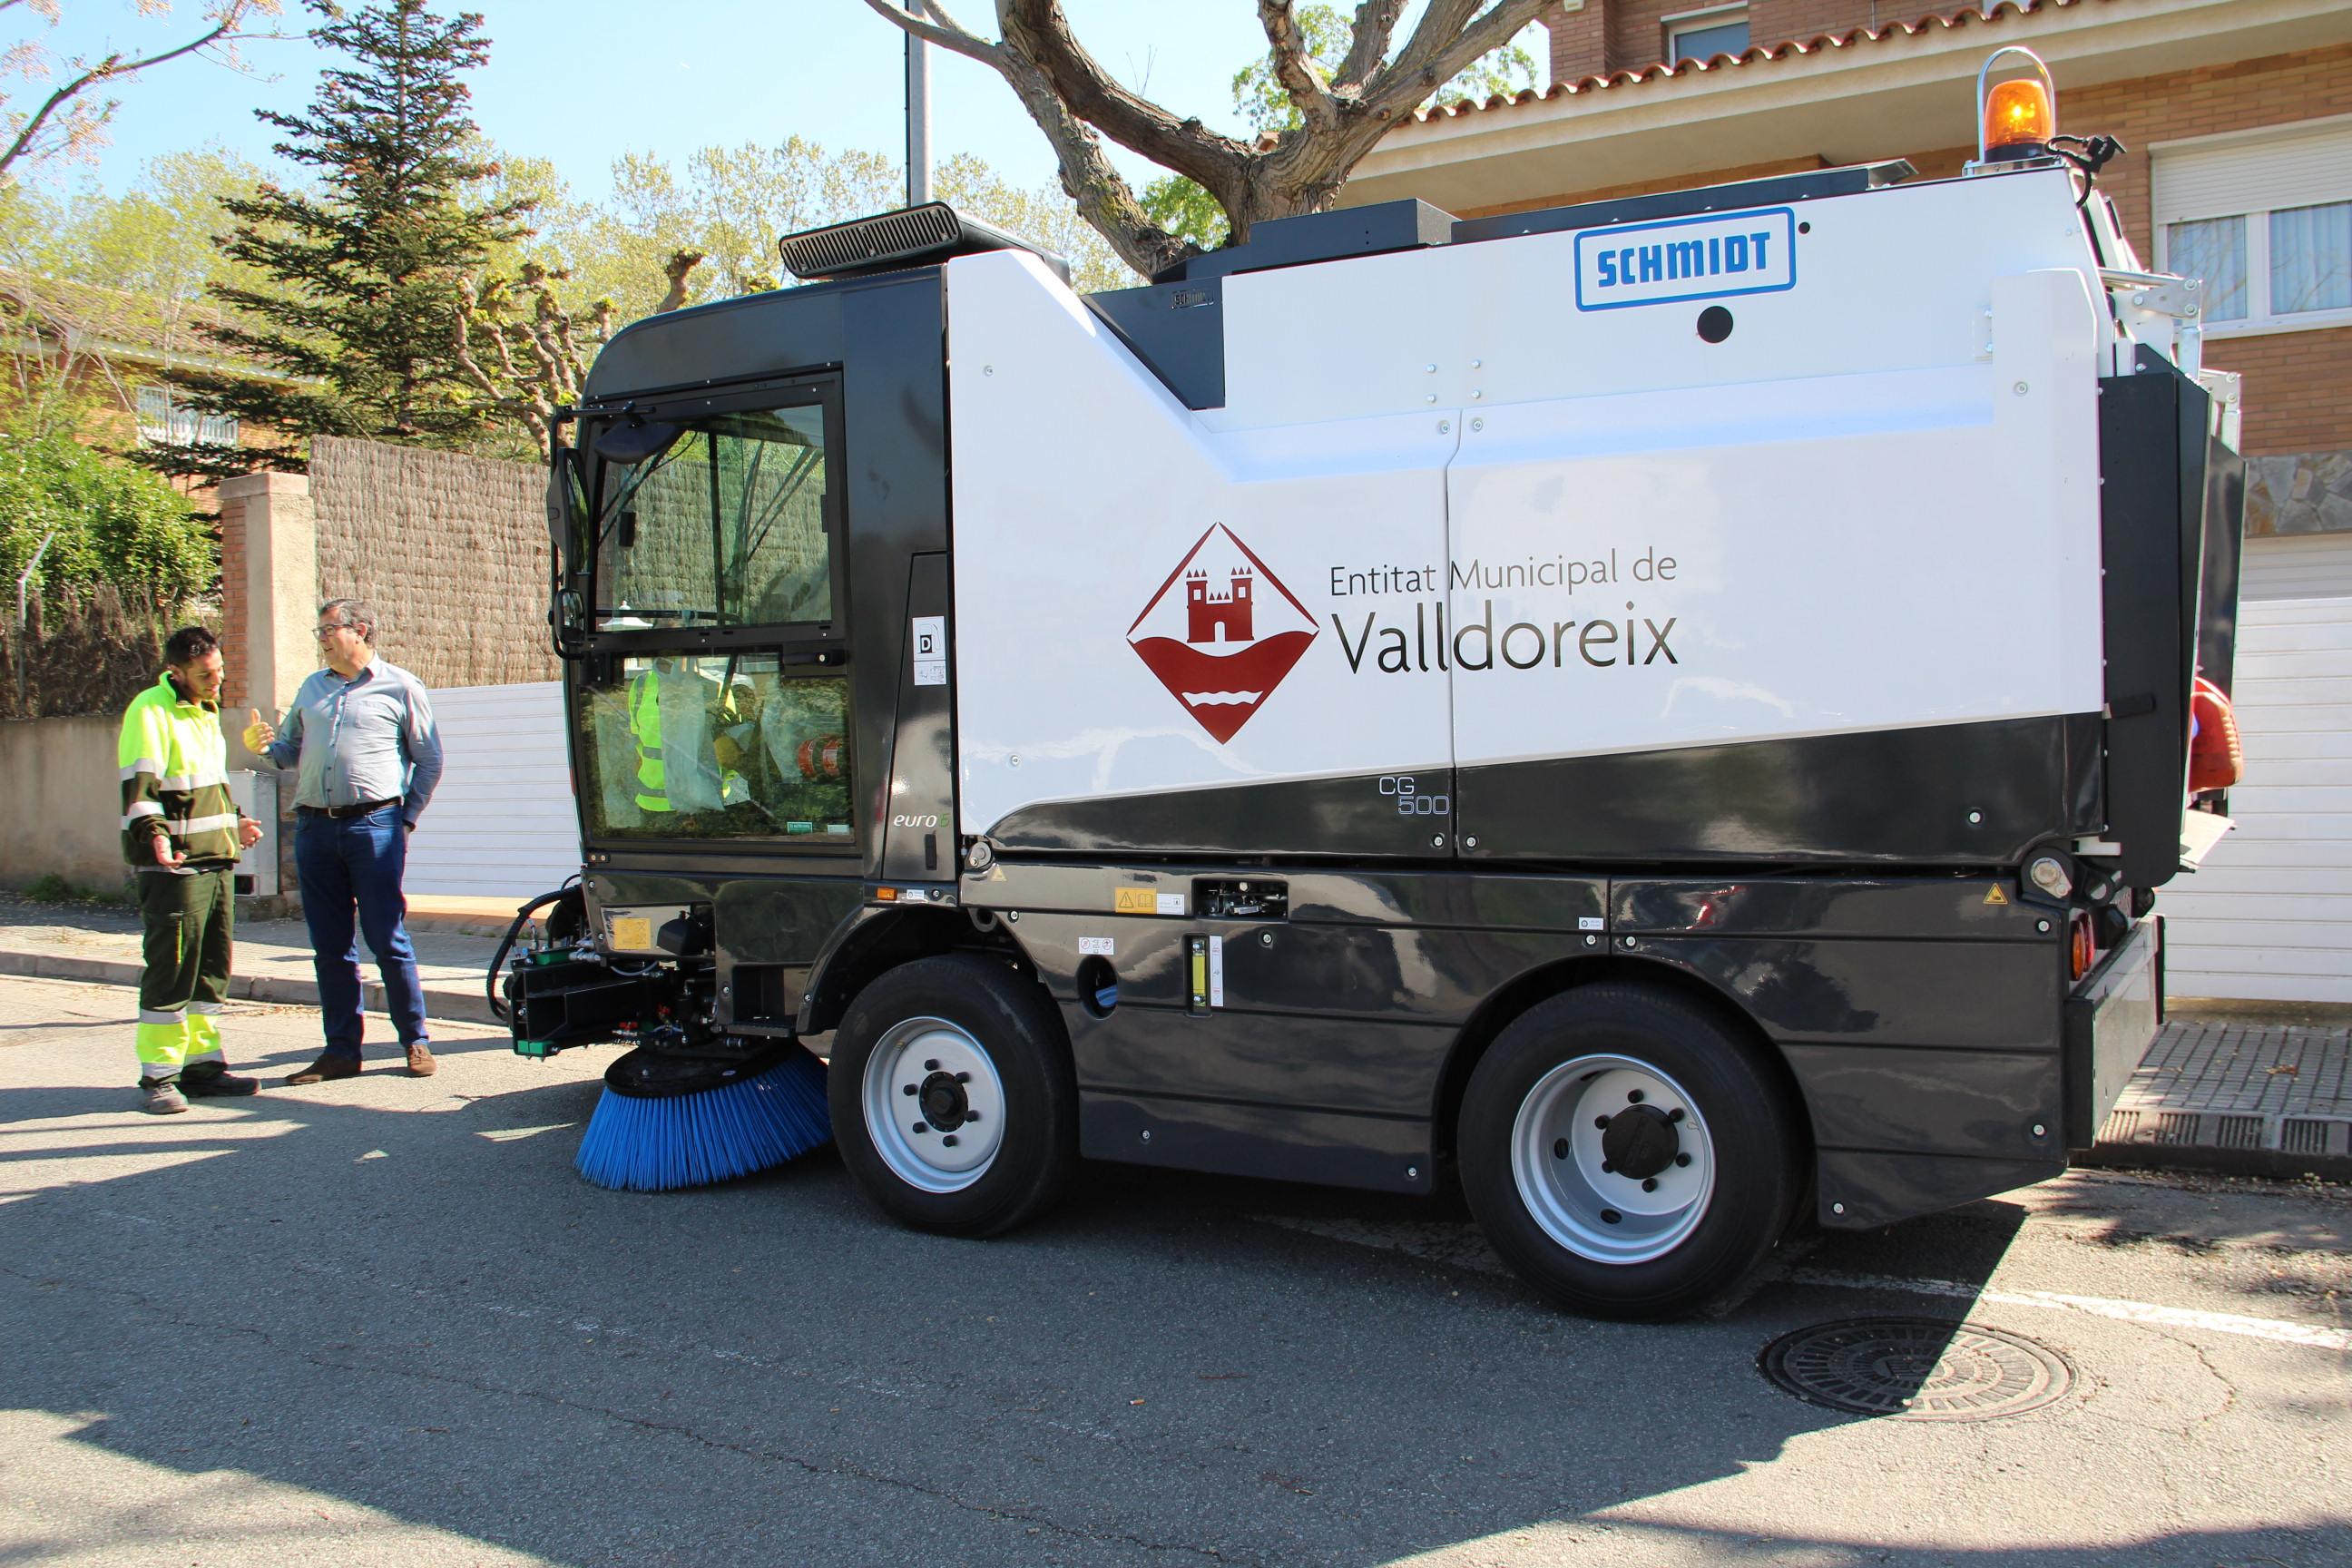 L'EMD de Valldoreix adquireix una nova màquina escombradora